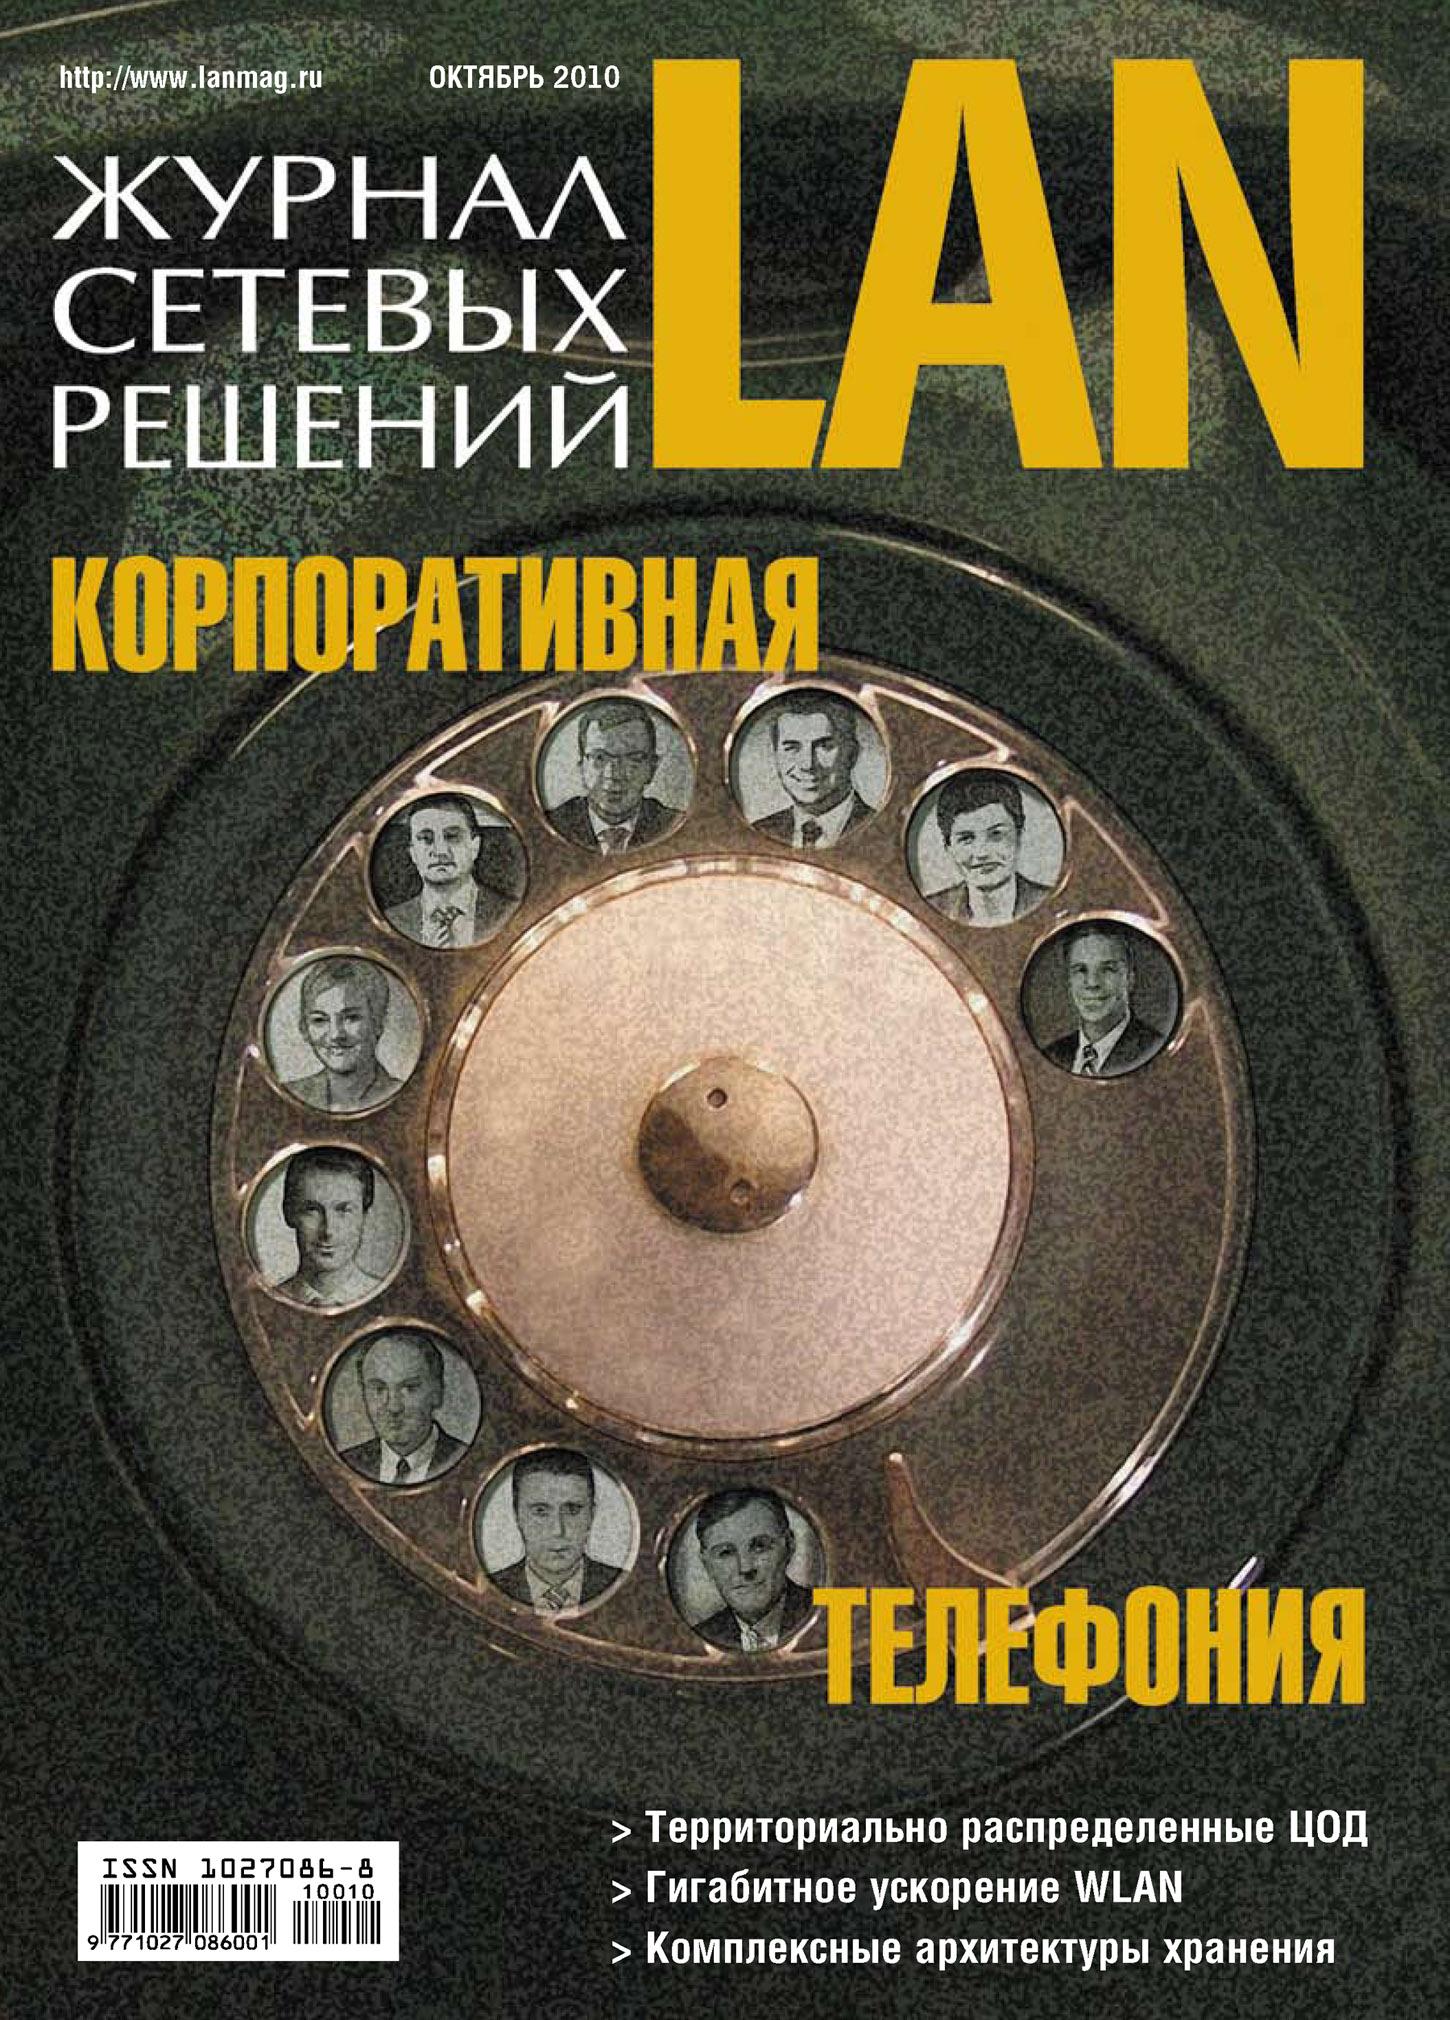 Открытые системы Журнал сетевых решений / LAN №10/2010 атс